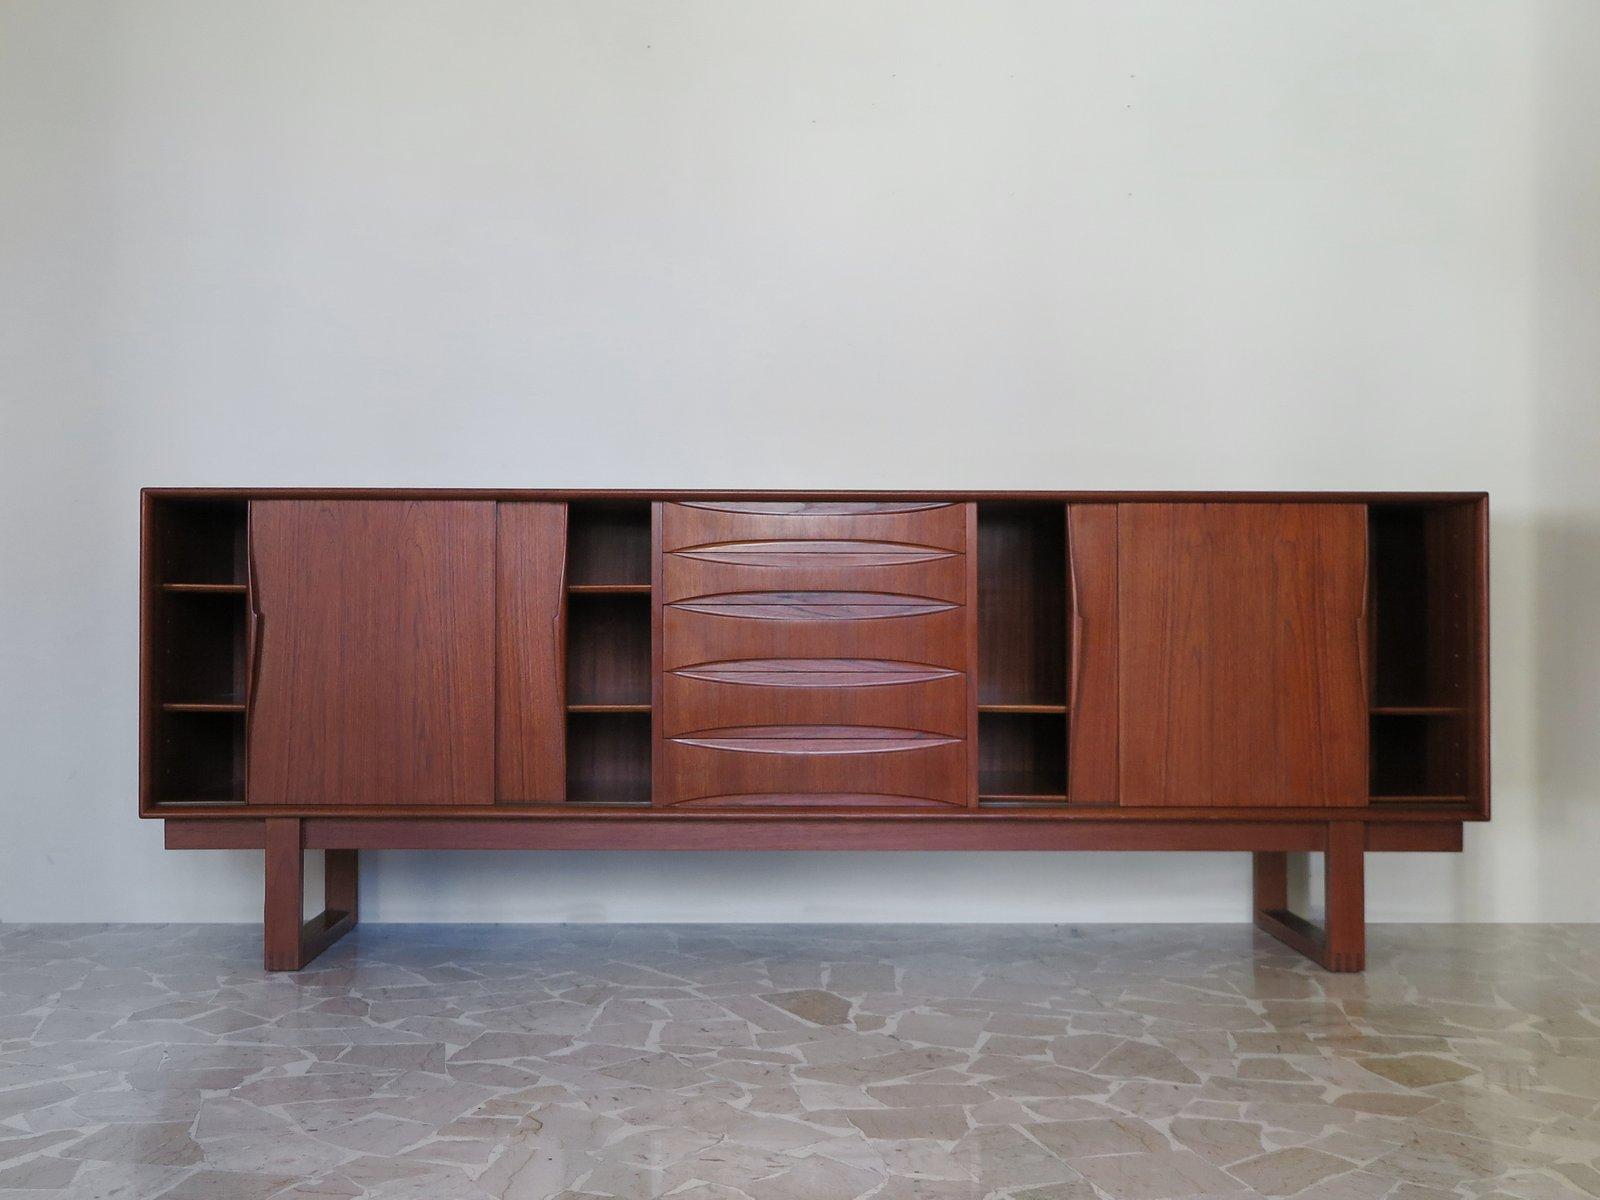 vintage danish teak sideboard by arne vodder for sale at. Black Bedroom Furniture Sets. Home Design Ideas